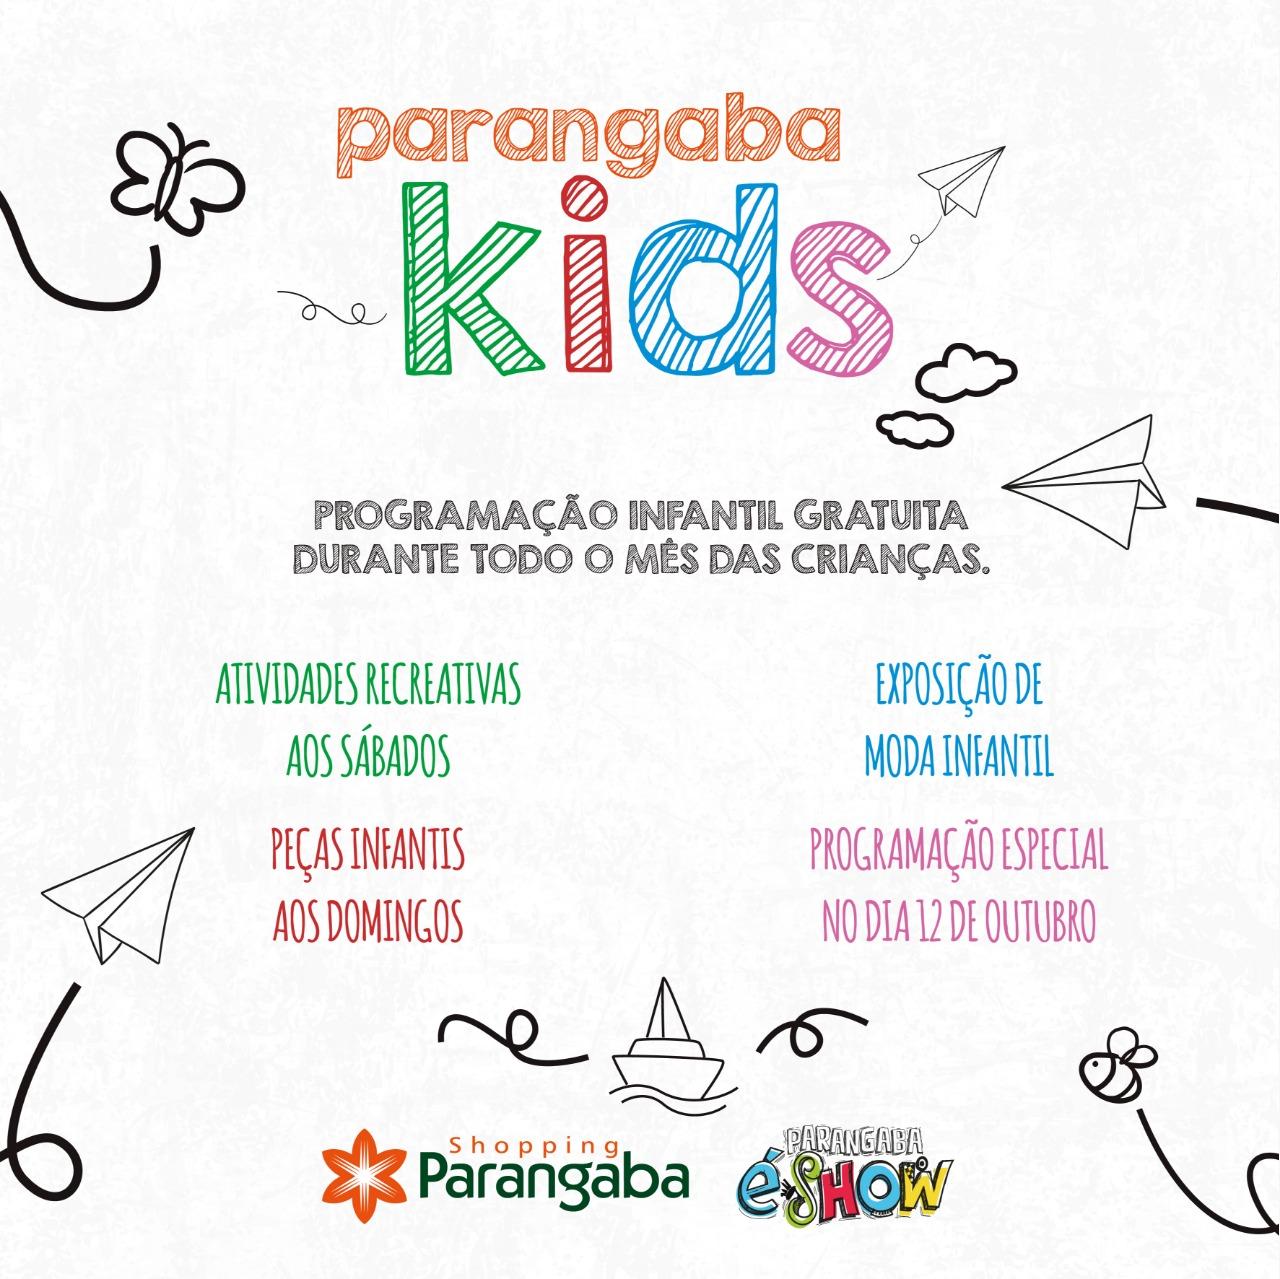 9777b6f39d Parangaba Kids oferece atrações gratuitas durante todo o mês de ...